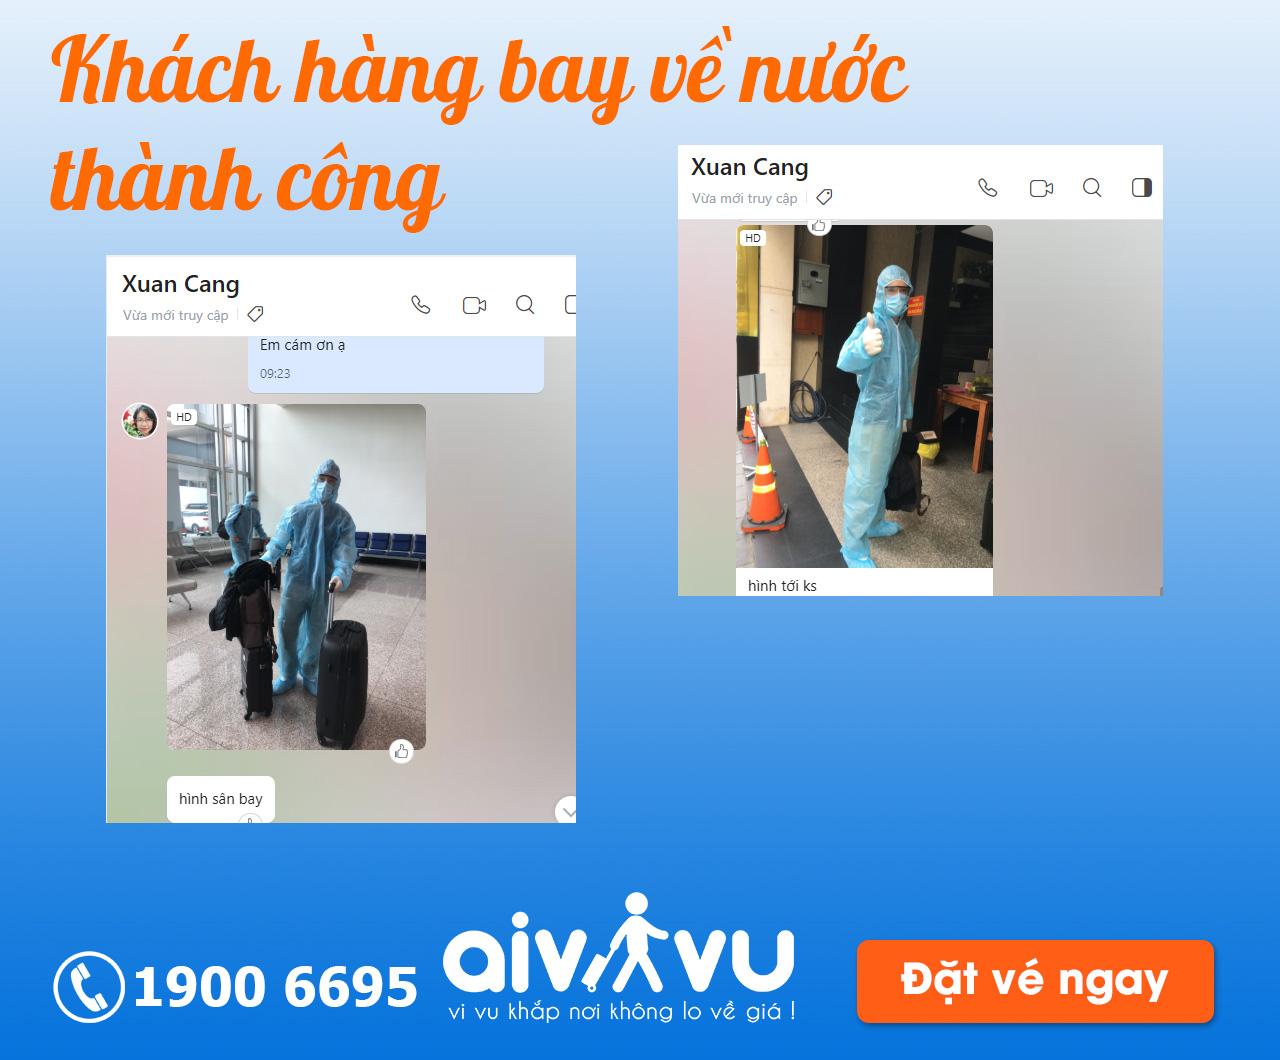 Giai đoạn 2: Tổ chức chuyến bay thường lệ chở khách vào Việt Nam